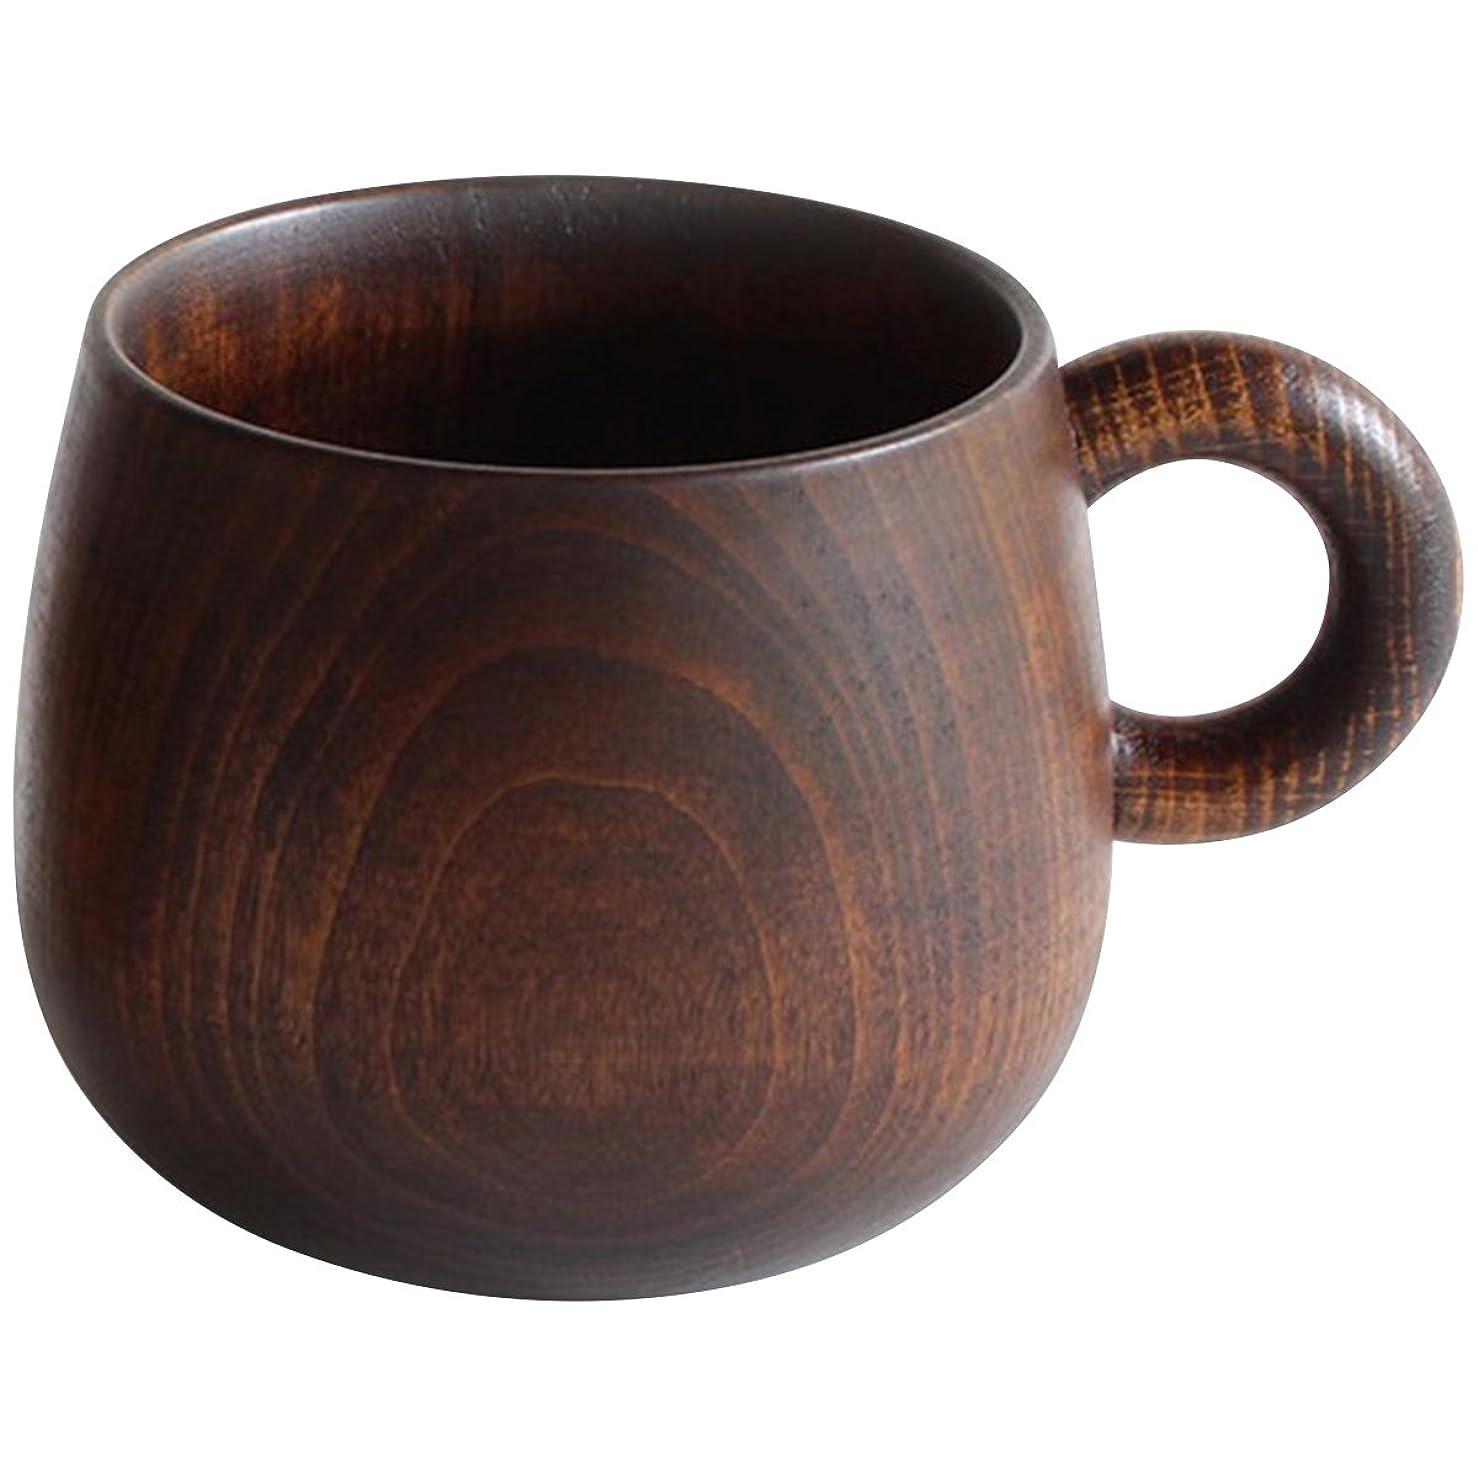 航空便使い込むバルコニーシェーヌ?ドゥ マグカップ トチの木をくりぬいたマグカップ 毎日の食卓に天然素材の心地よさを感じて心で喜んでもらう日本の安心の木製品 Oak Village/オークヴィレッジ